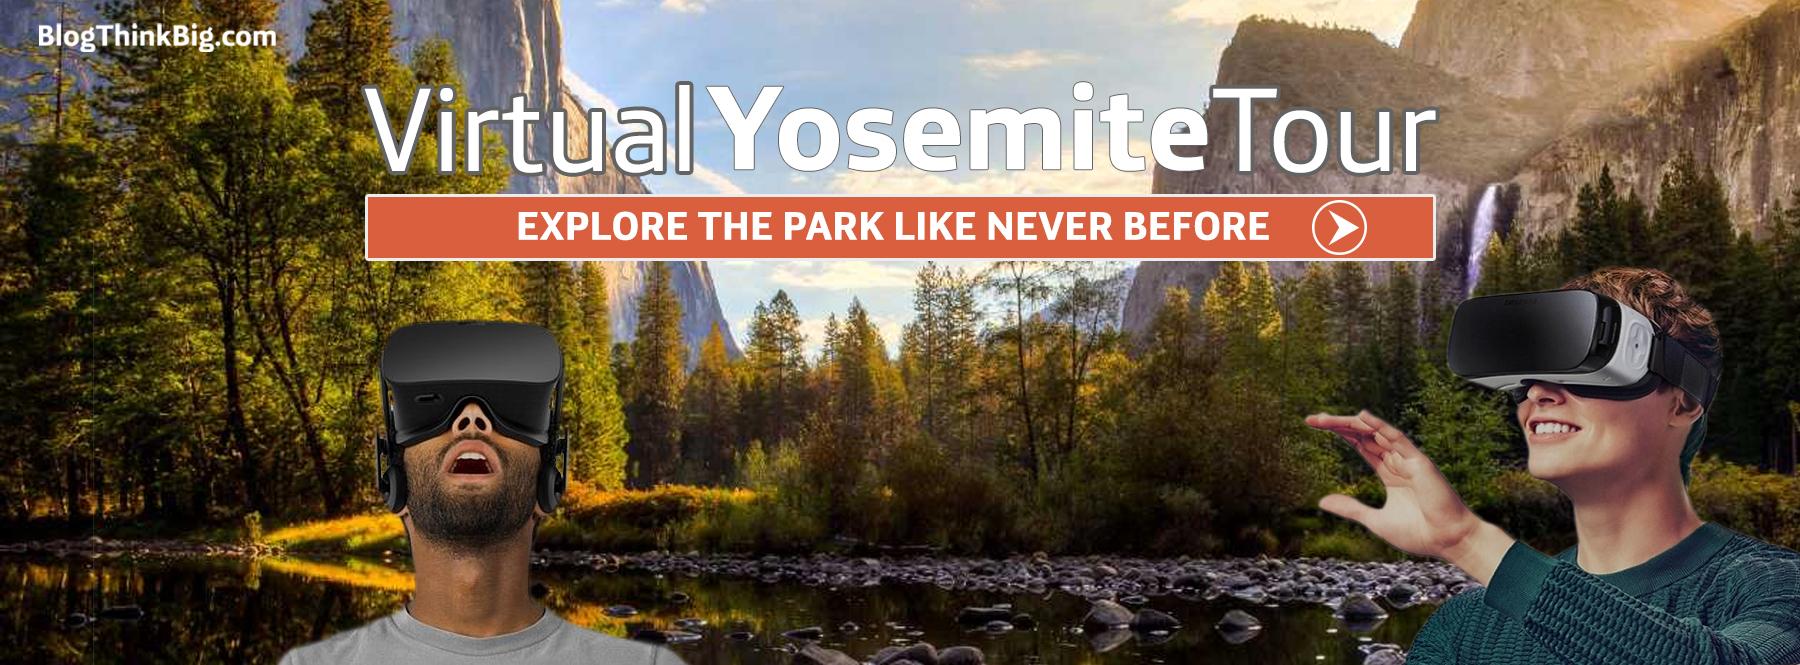 Visita el parque nacional de Yosemite desde tu móvil gracias a este Virtual Tour